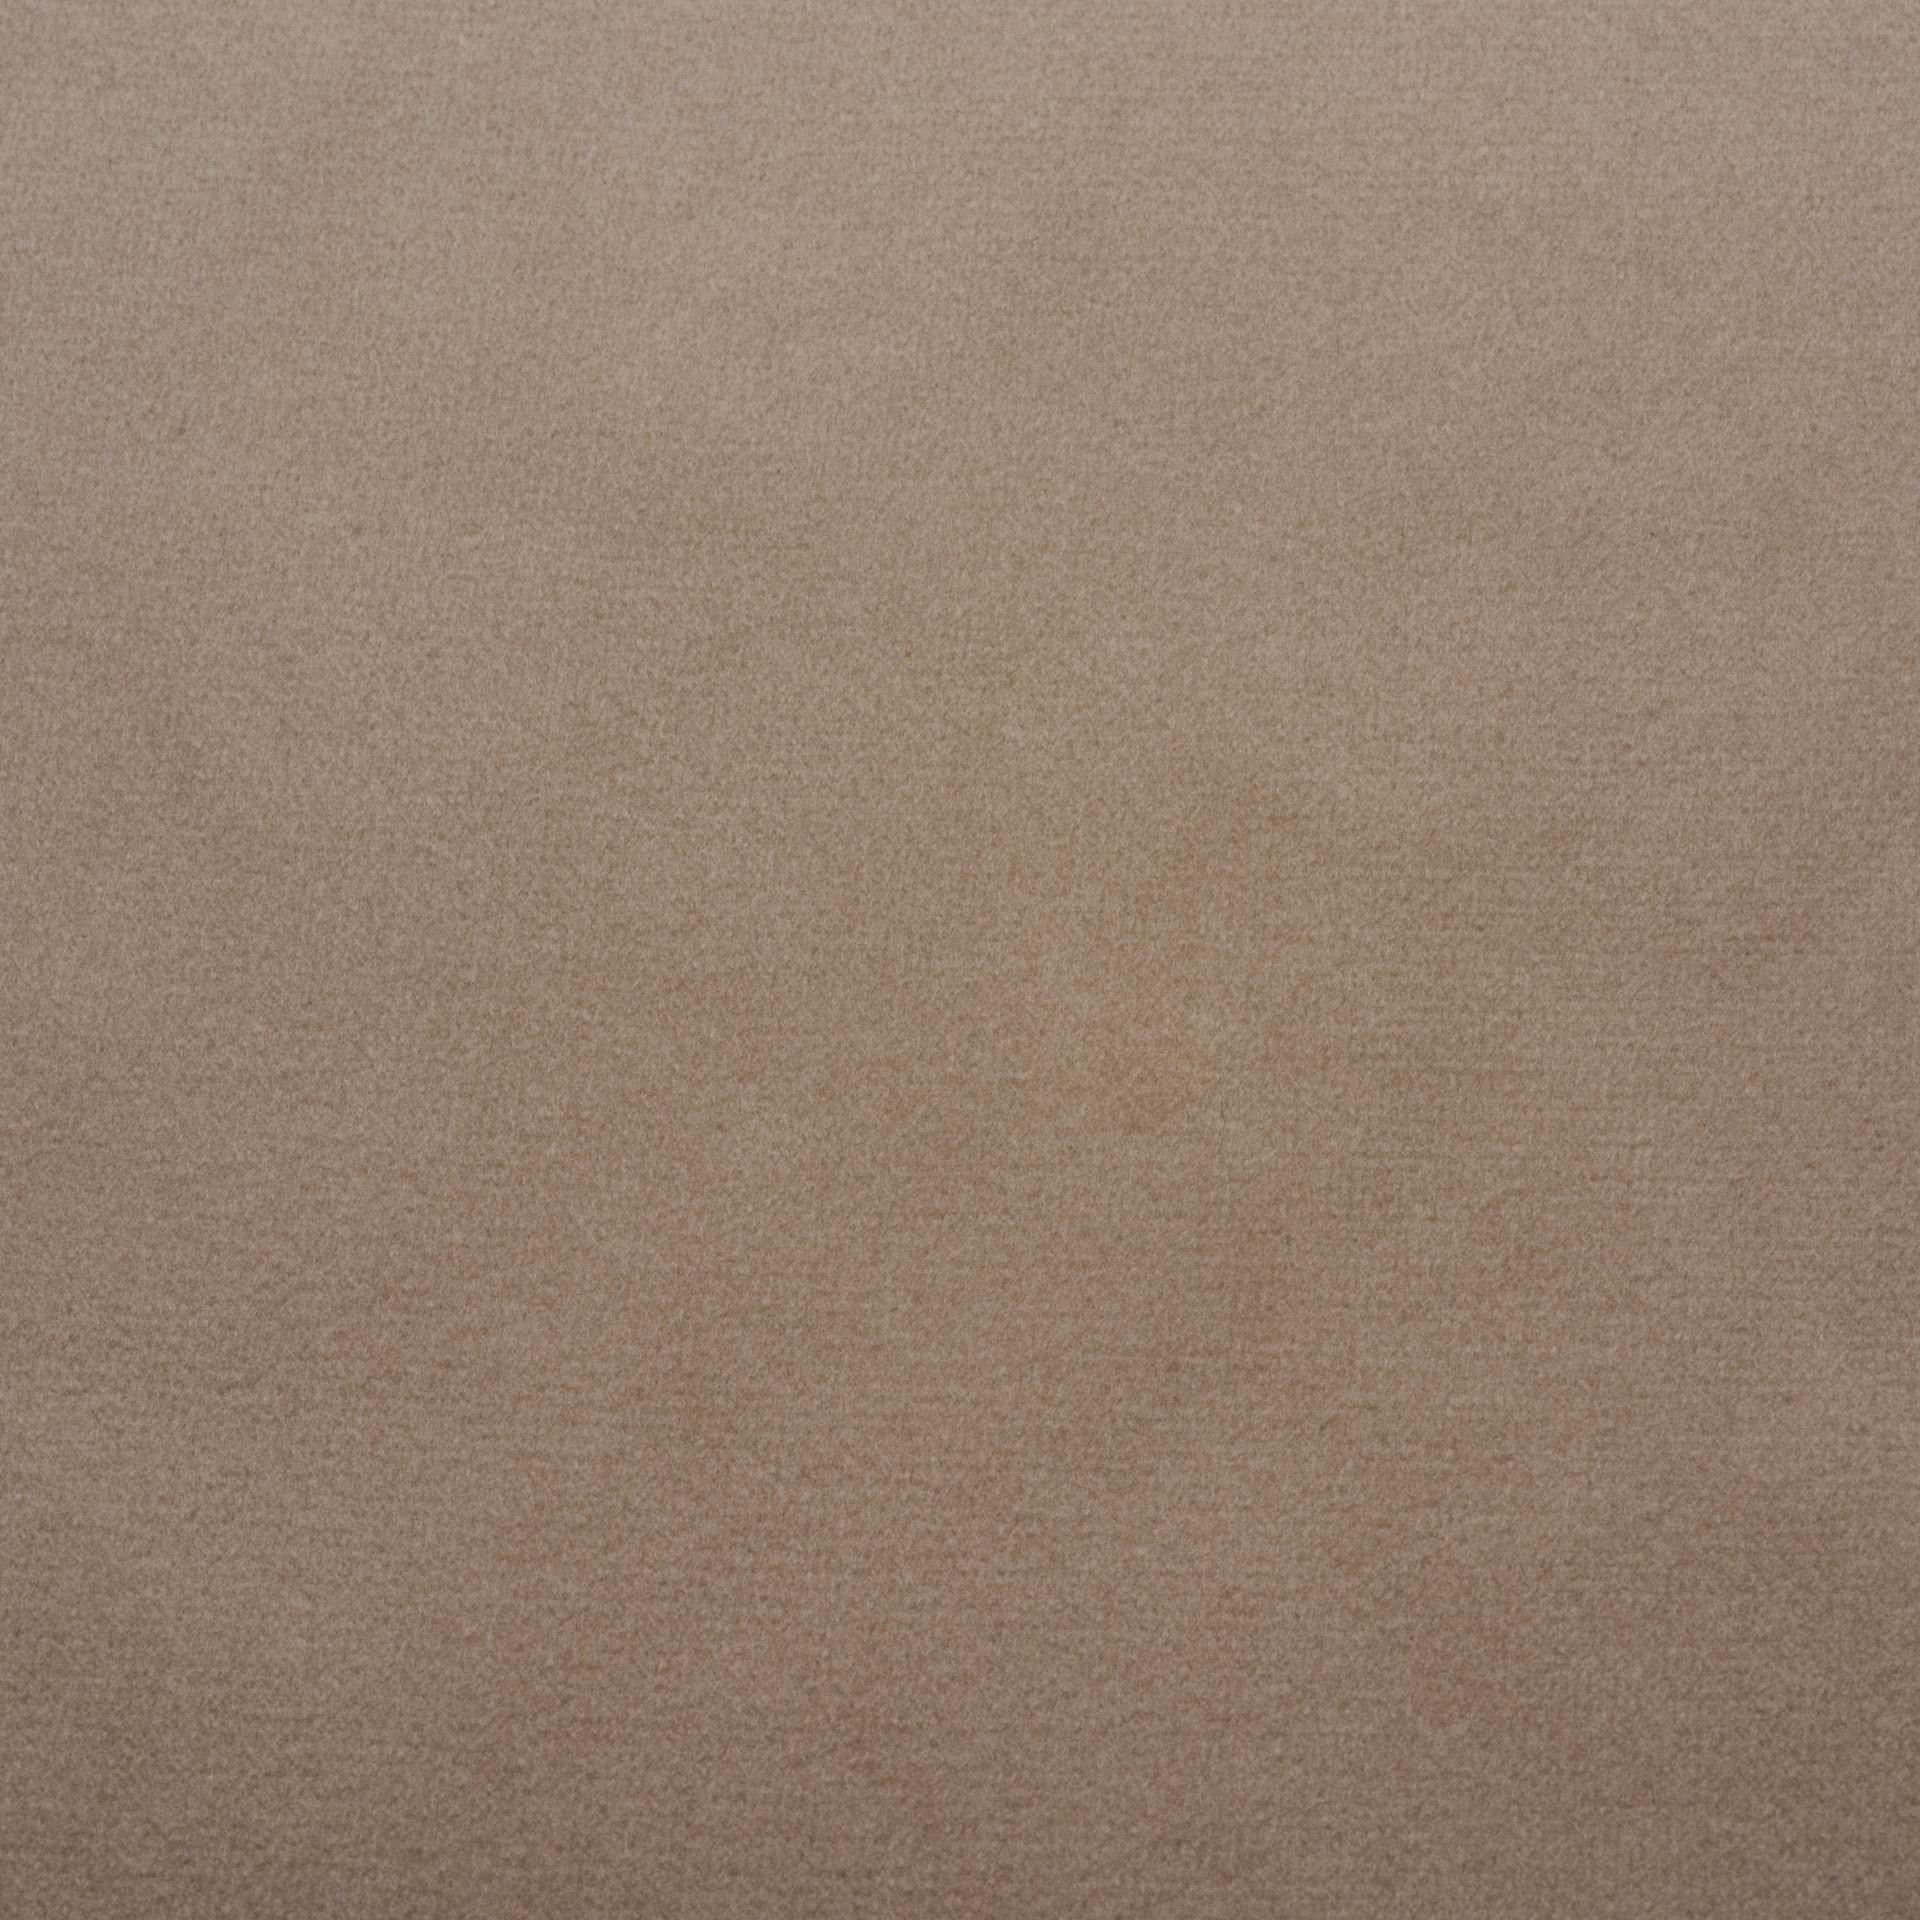 Коллекция ткани Багира 06 UNFUSSY BEIGE,  купить ткань Велюр для мебели Украина